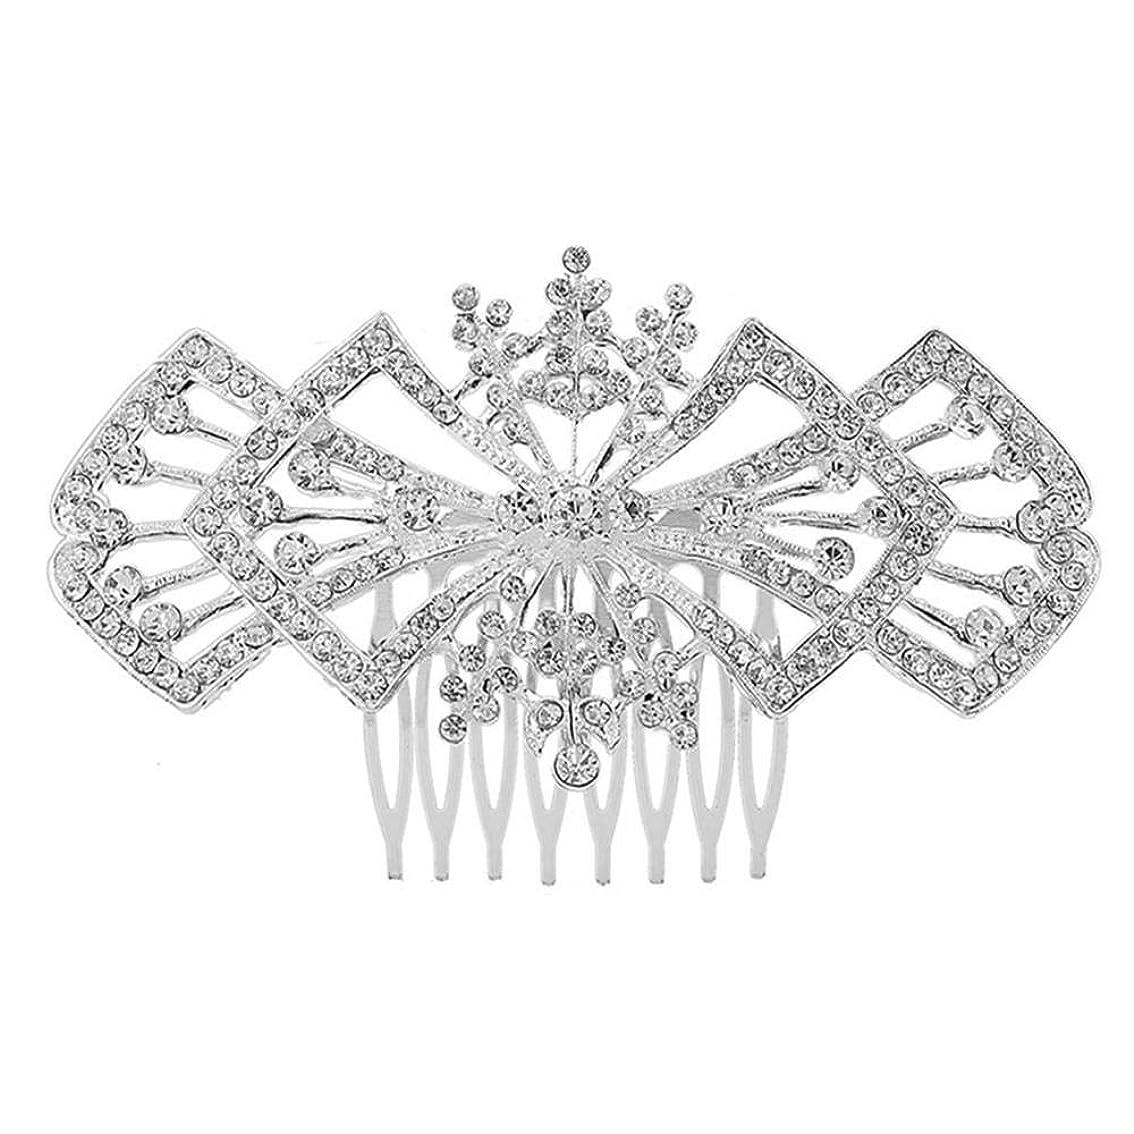 砂近代化犬髪の櫛の櫛の櫛の花嫁の髪の櫛の花の髪の櫛のラインストーンの挿入物の櫛の合金の帽子の結婚式の宝石類